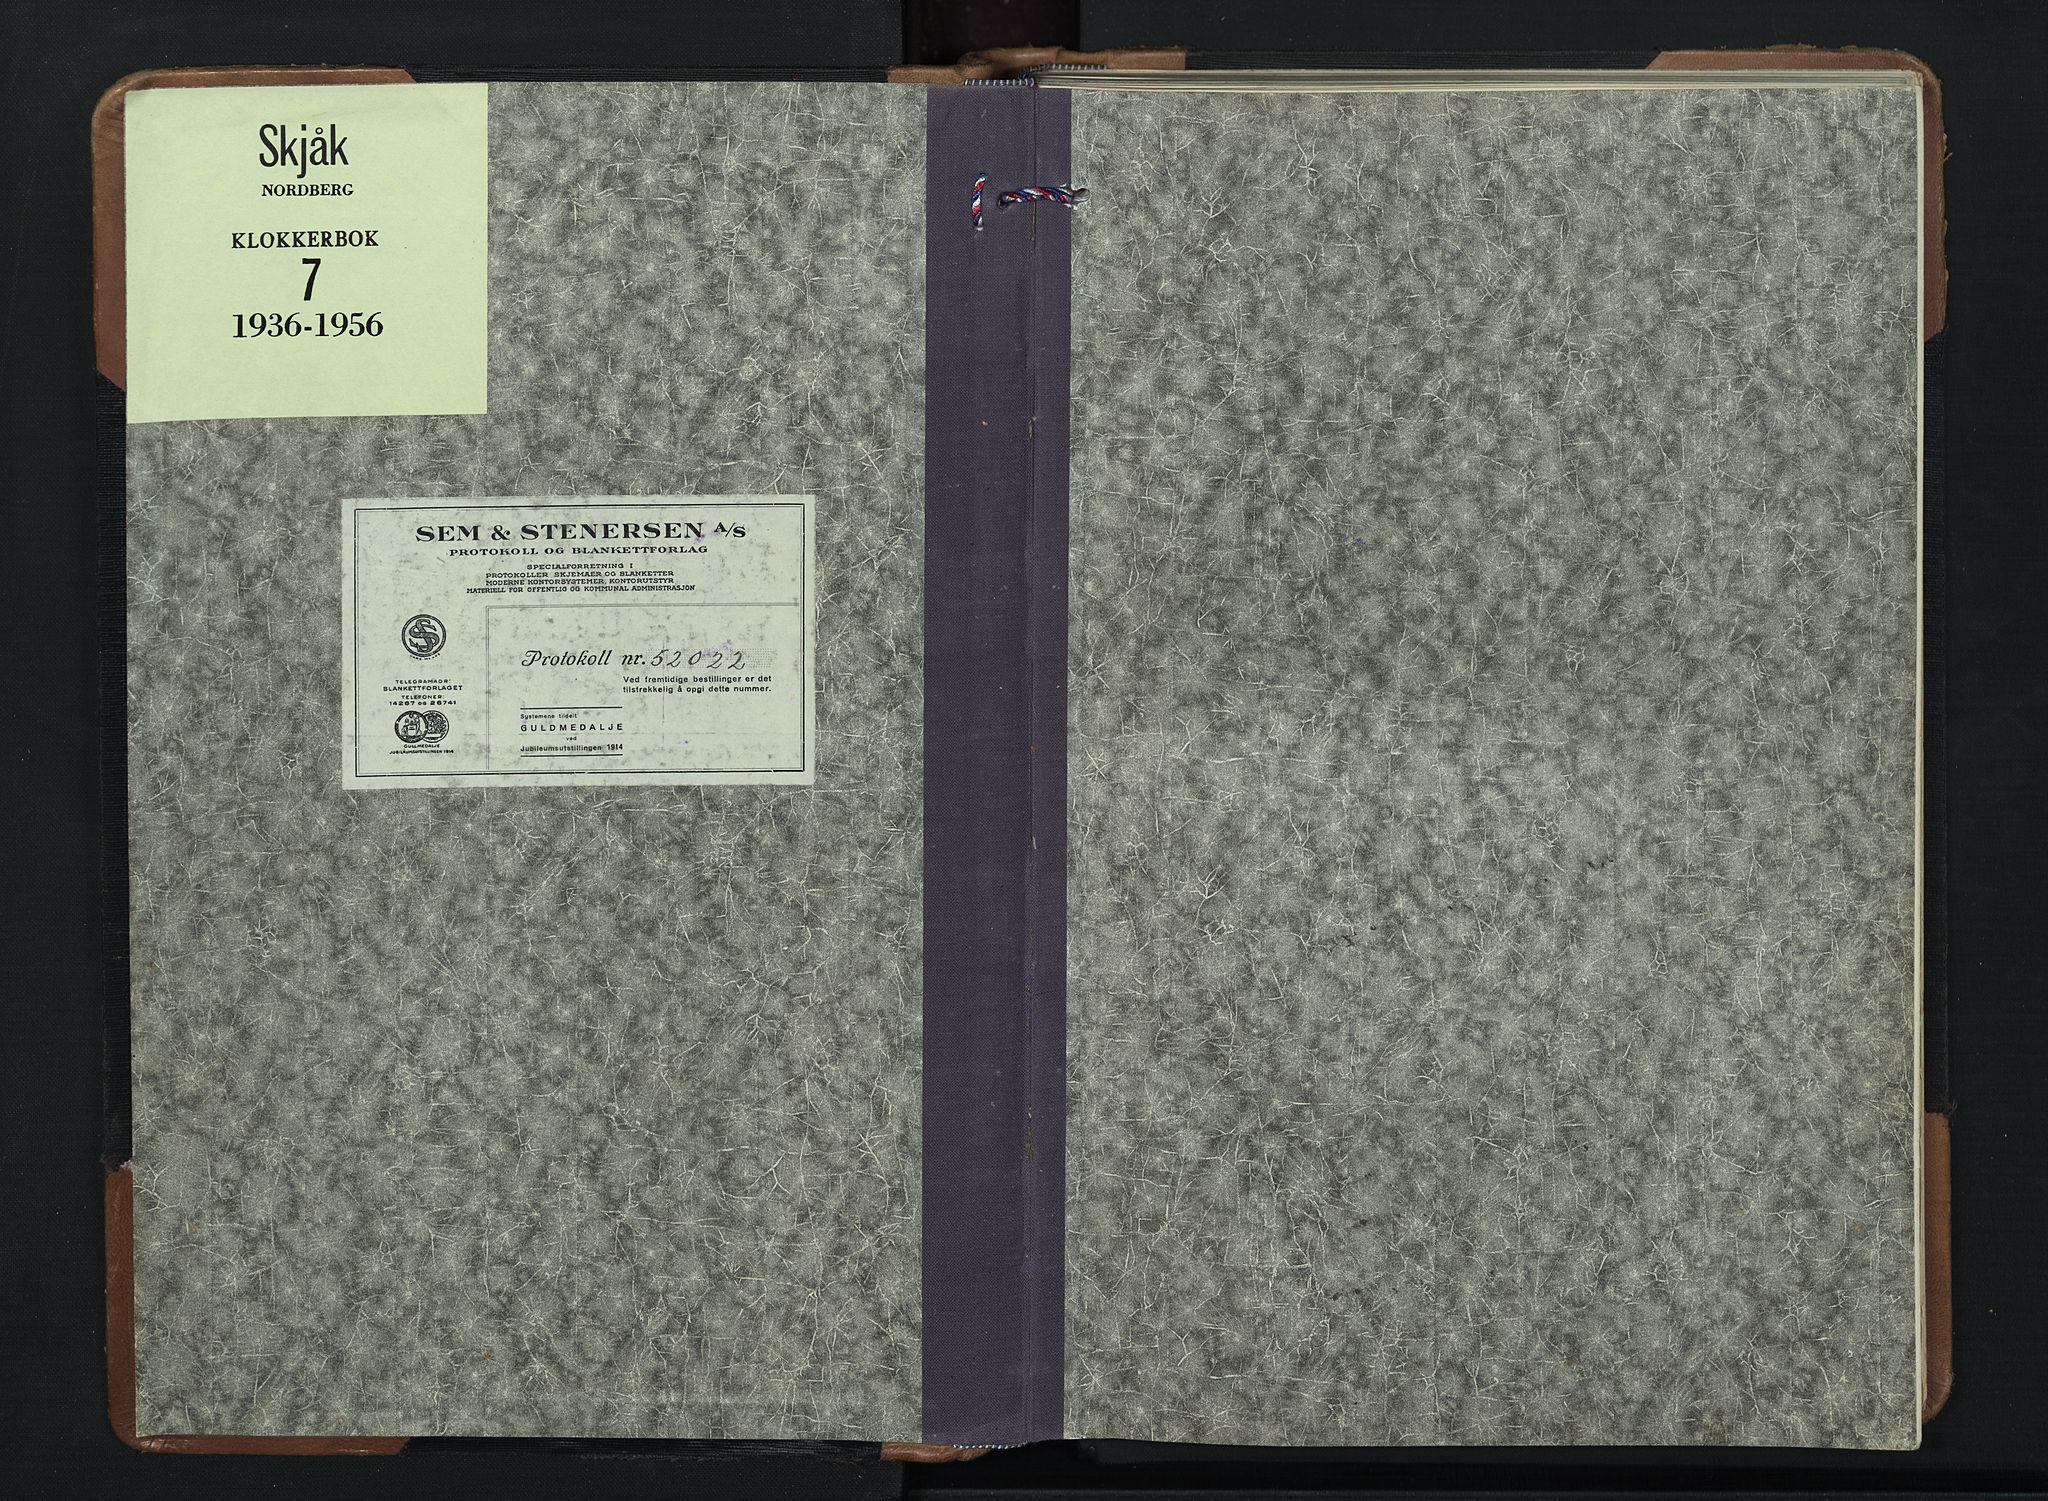 SAH, Skjåk prestekontor, Klokkerbok nr. 7, 1936-1958